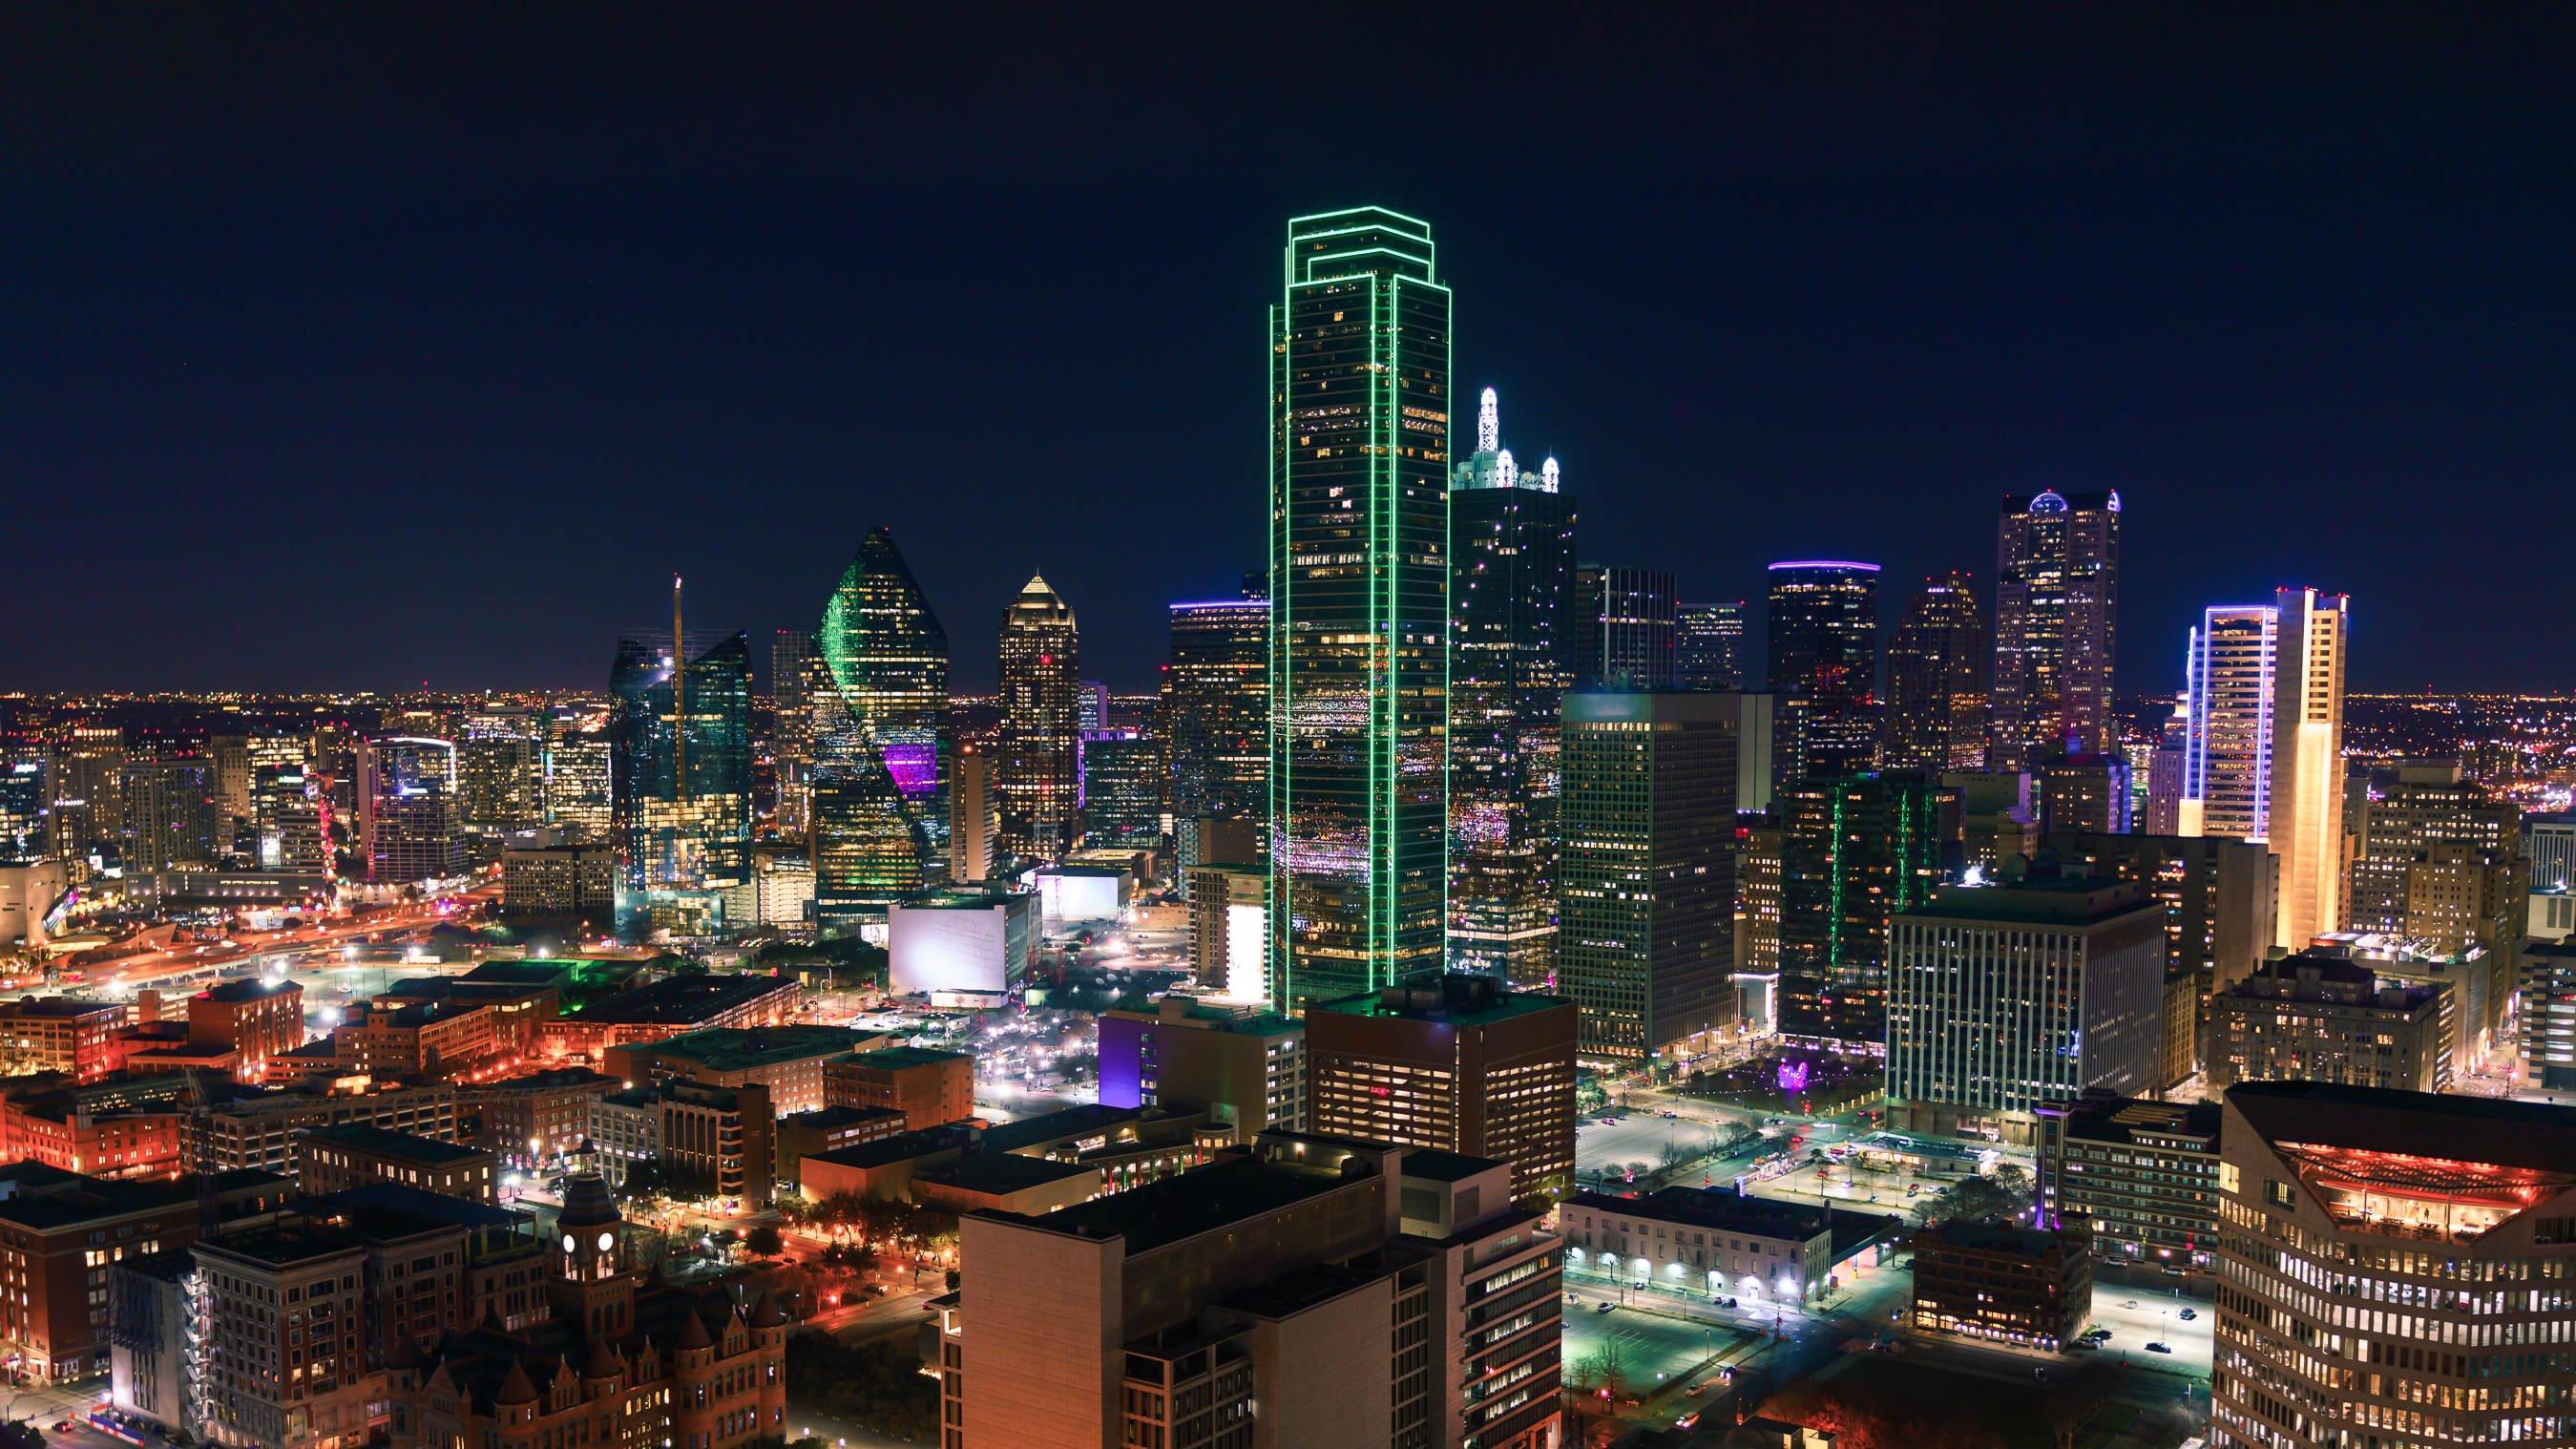 dallas-texas-cityscape-with-skyscrapers-illuminate-ND7RMPE